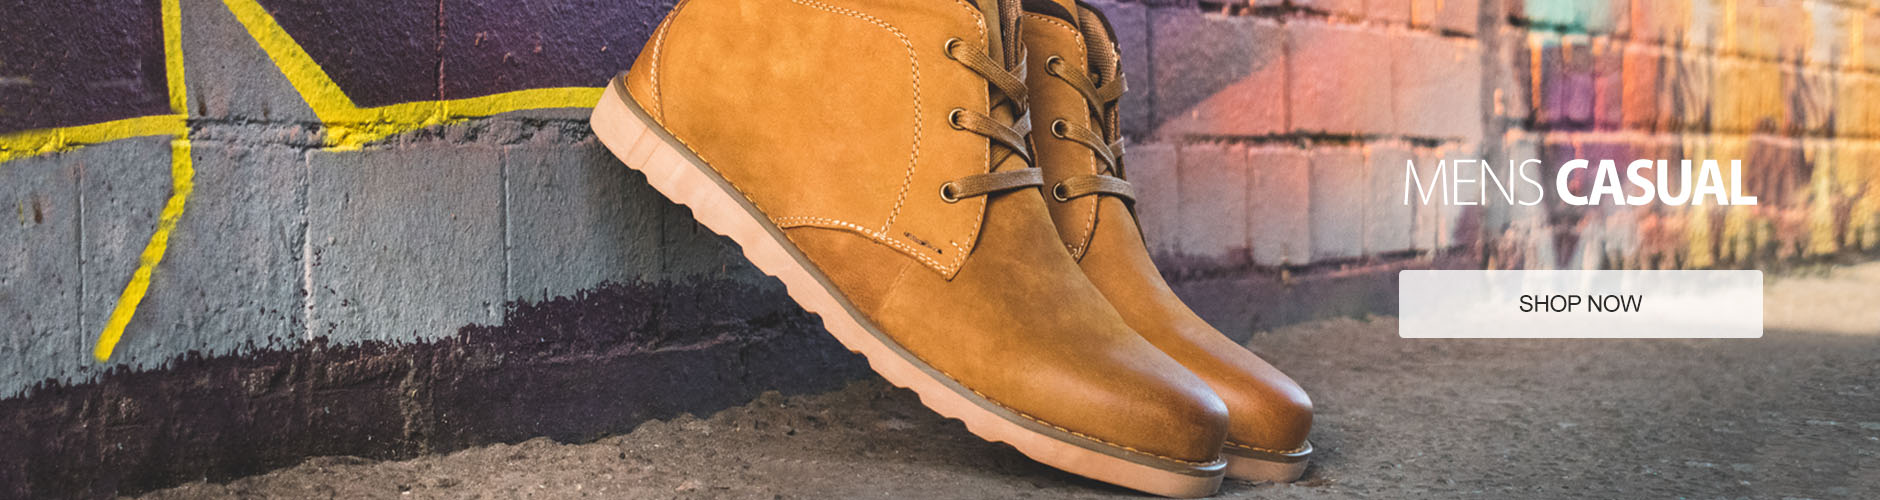 Mens Casuals Boots Shop Now